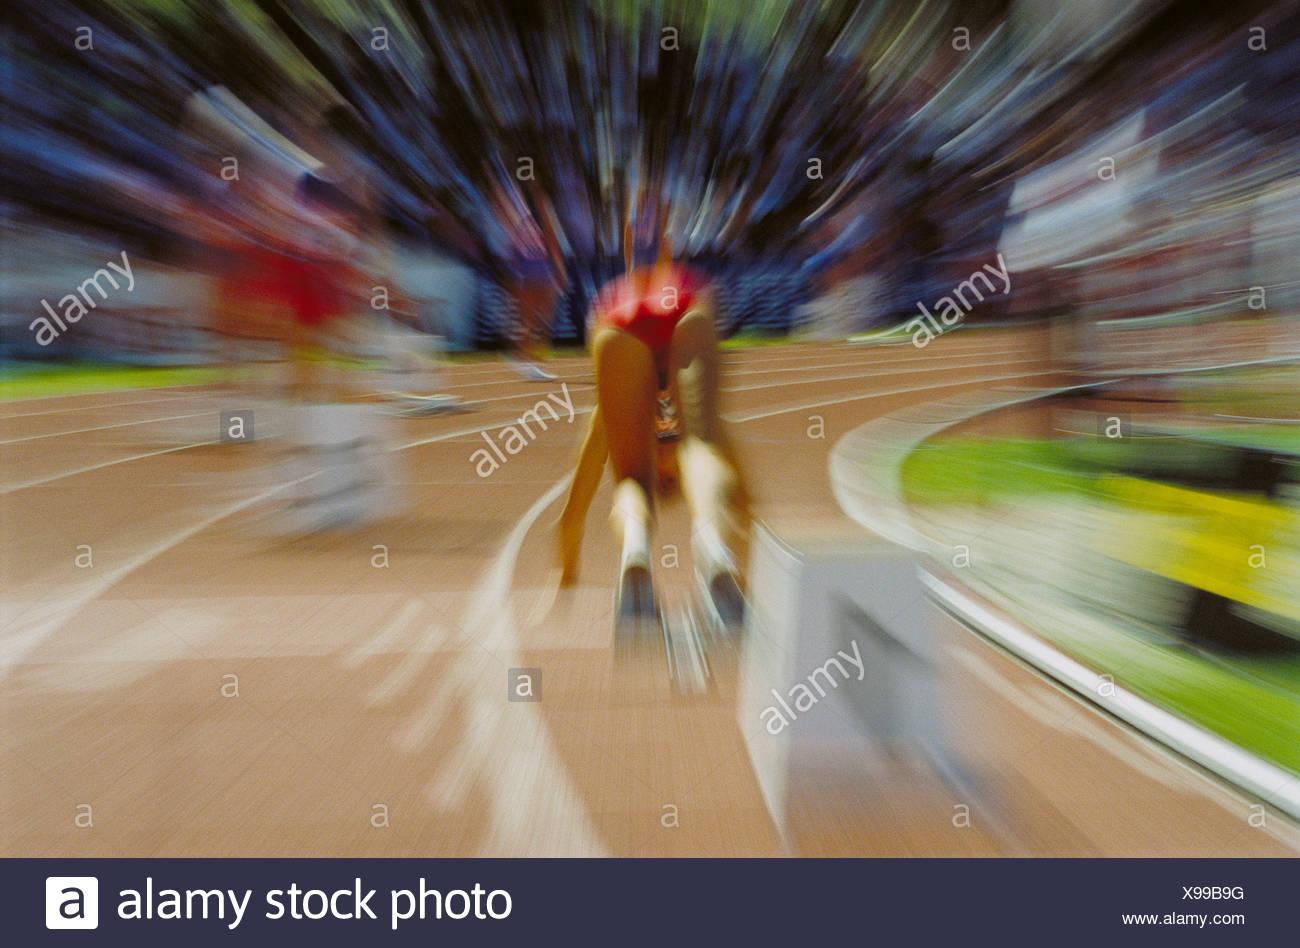 sport short distances run runner start pegs zoom effect running running - Stock Image